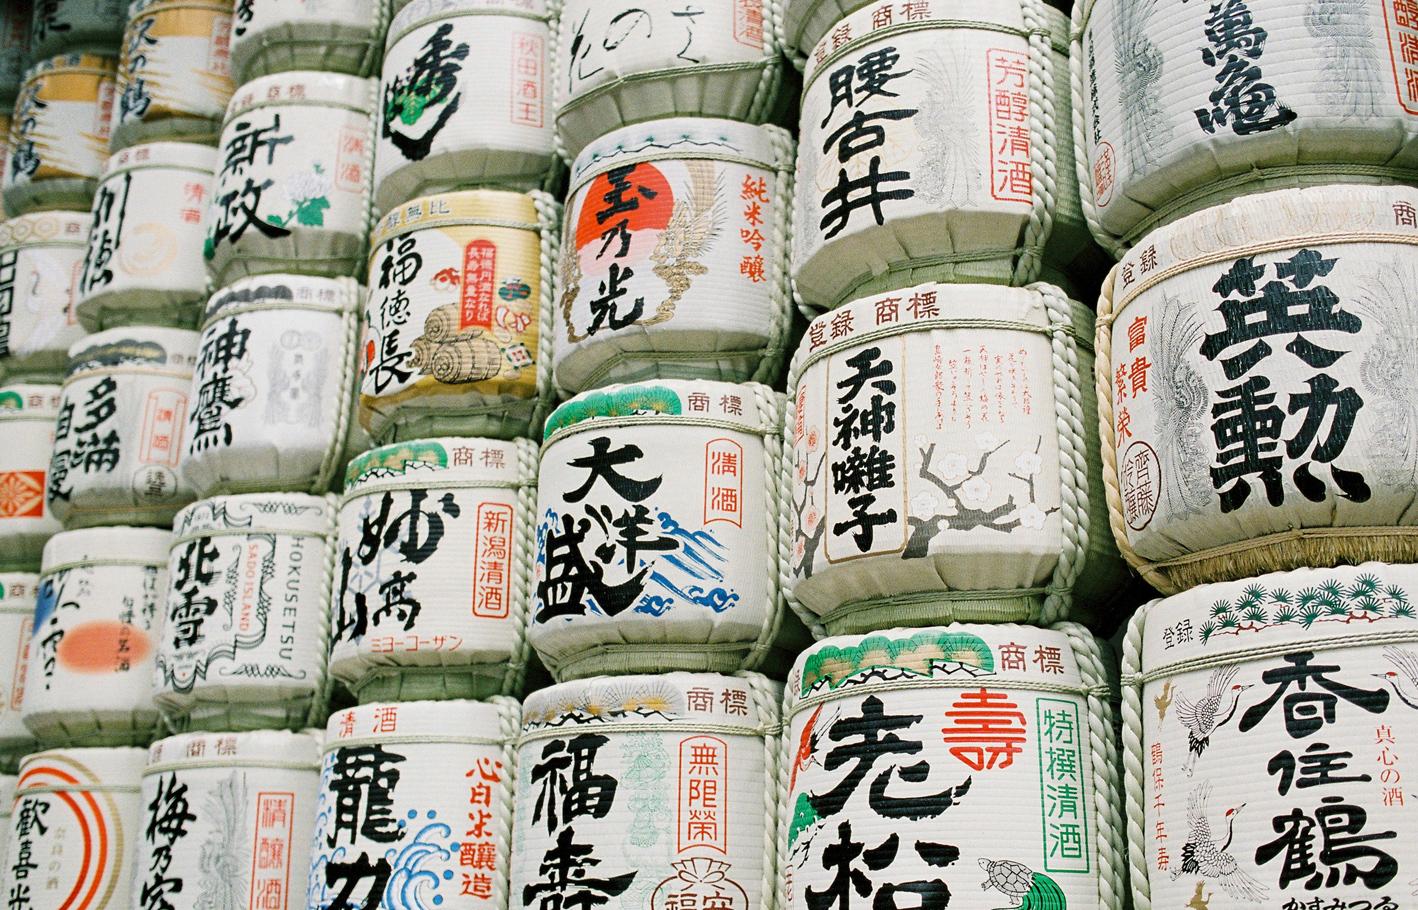 039-tokyo-japan-sophie-baker-photography